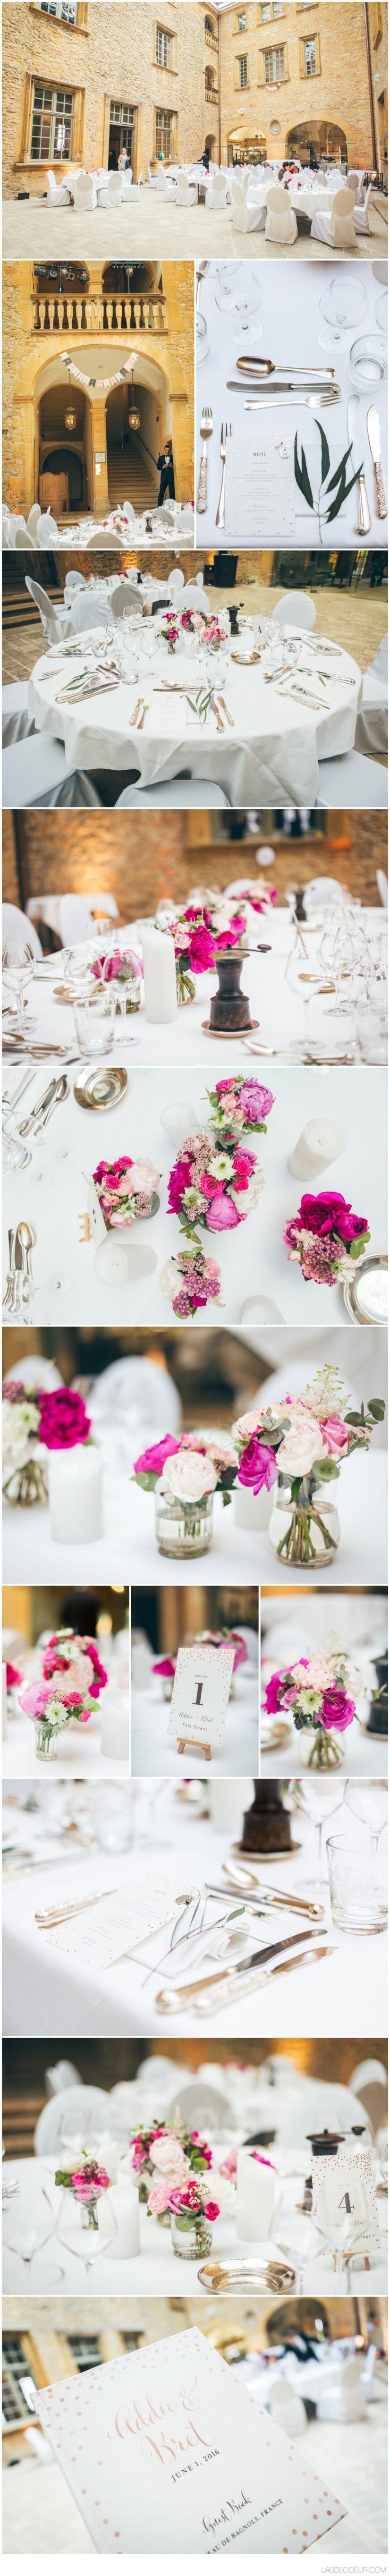 décoration et fleurs mariage Chateau Bagnols ©lasdecoeur